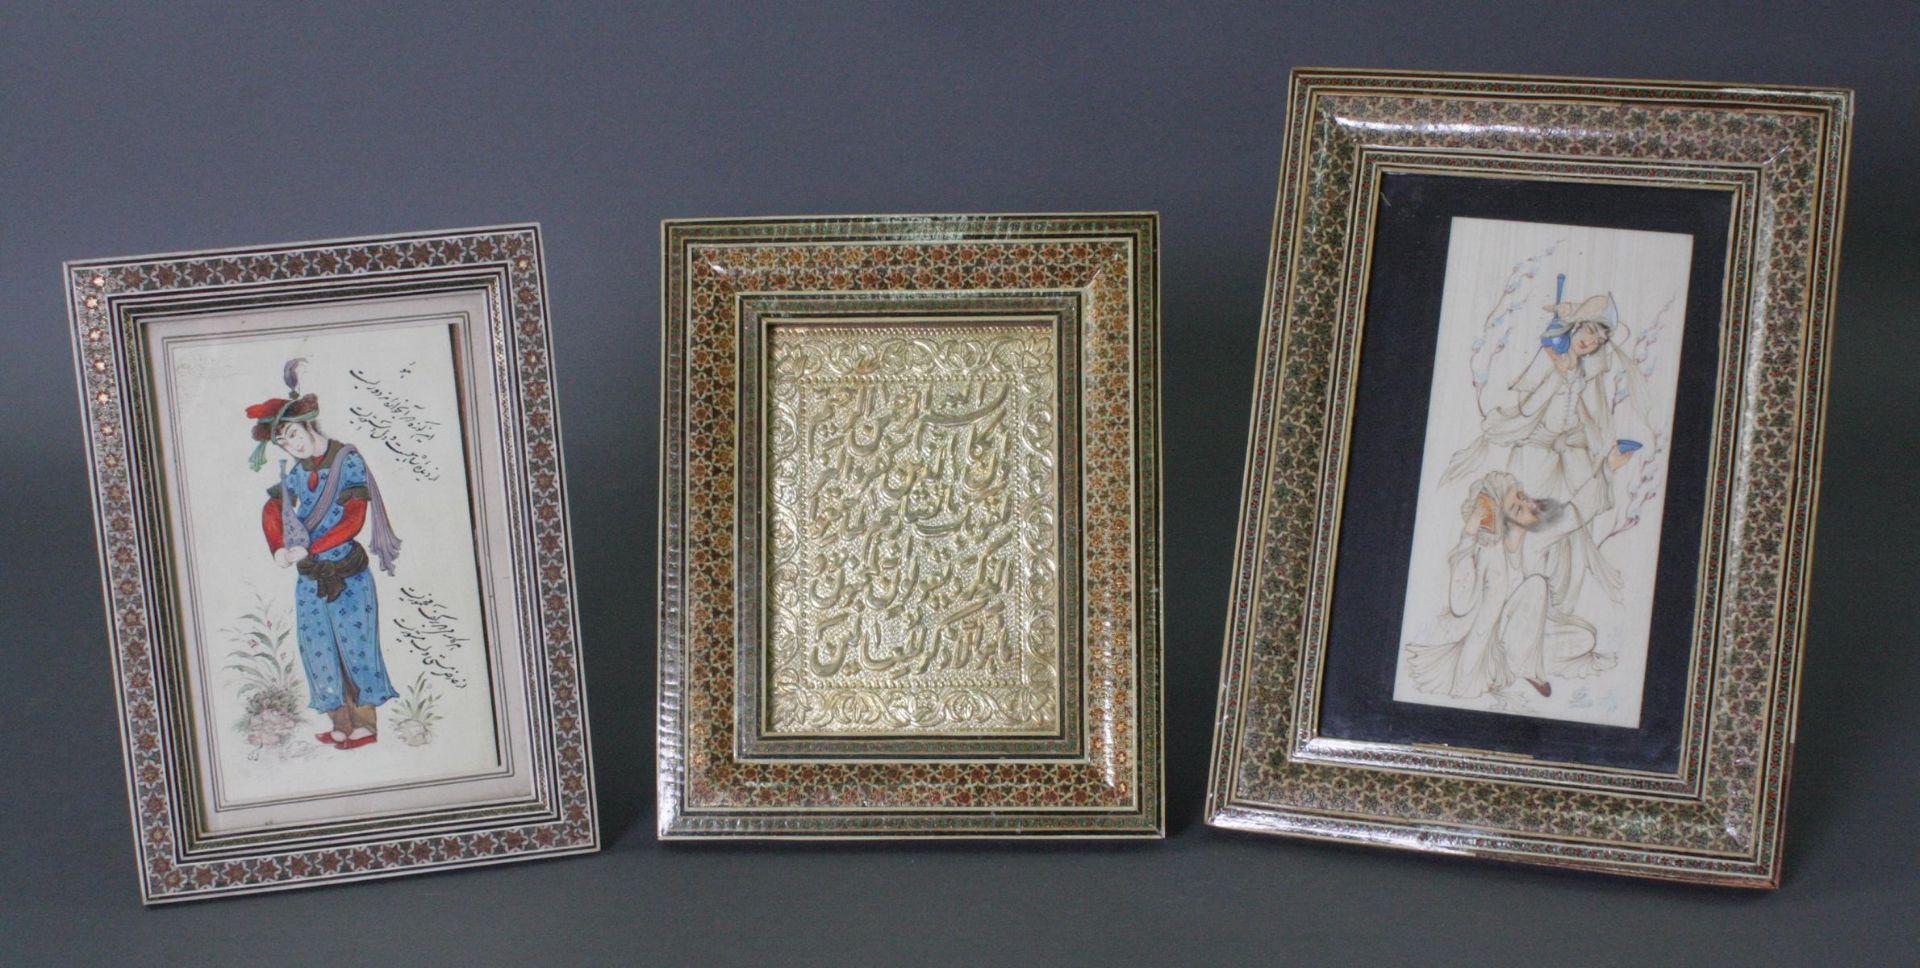 2 Miniaturbilder auf Beinplättchen, 1 Schrift-Relief, Persien, 20. Jahrhundert